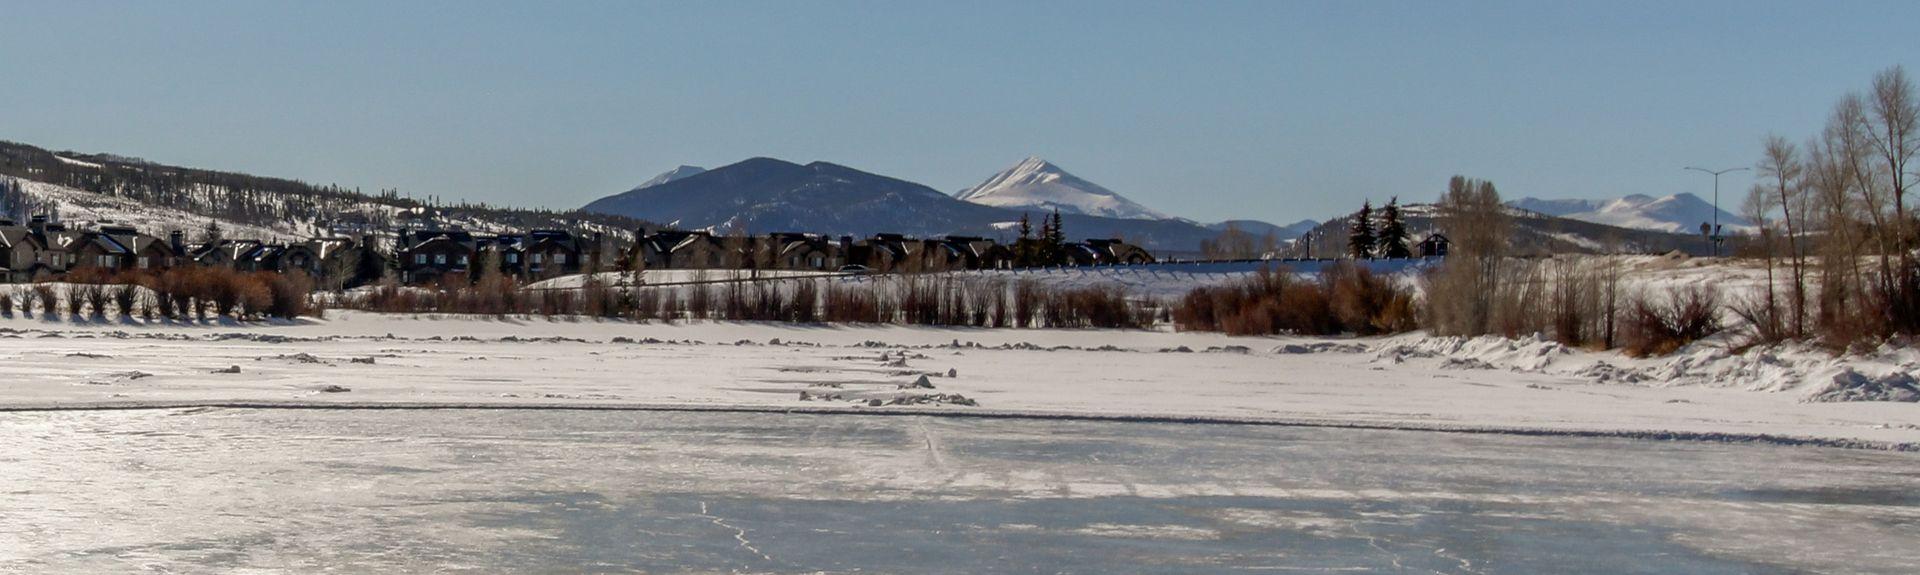 Three Peaks, Silverthorne, Colorado, Estados Unidos